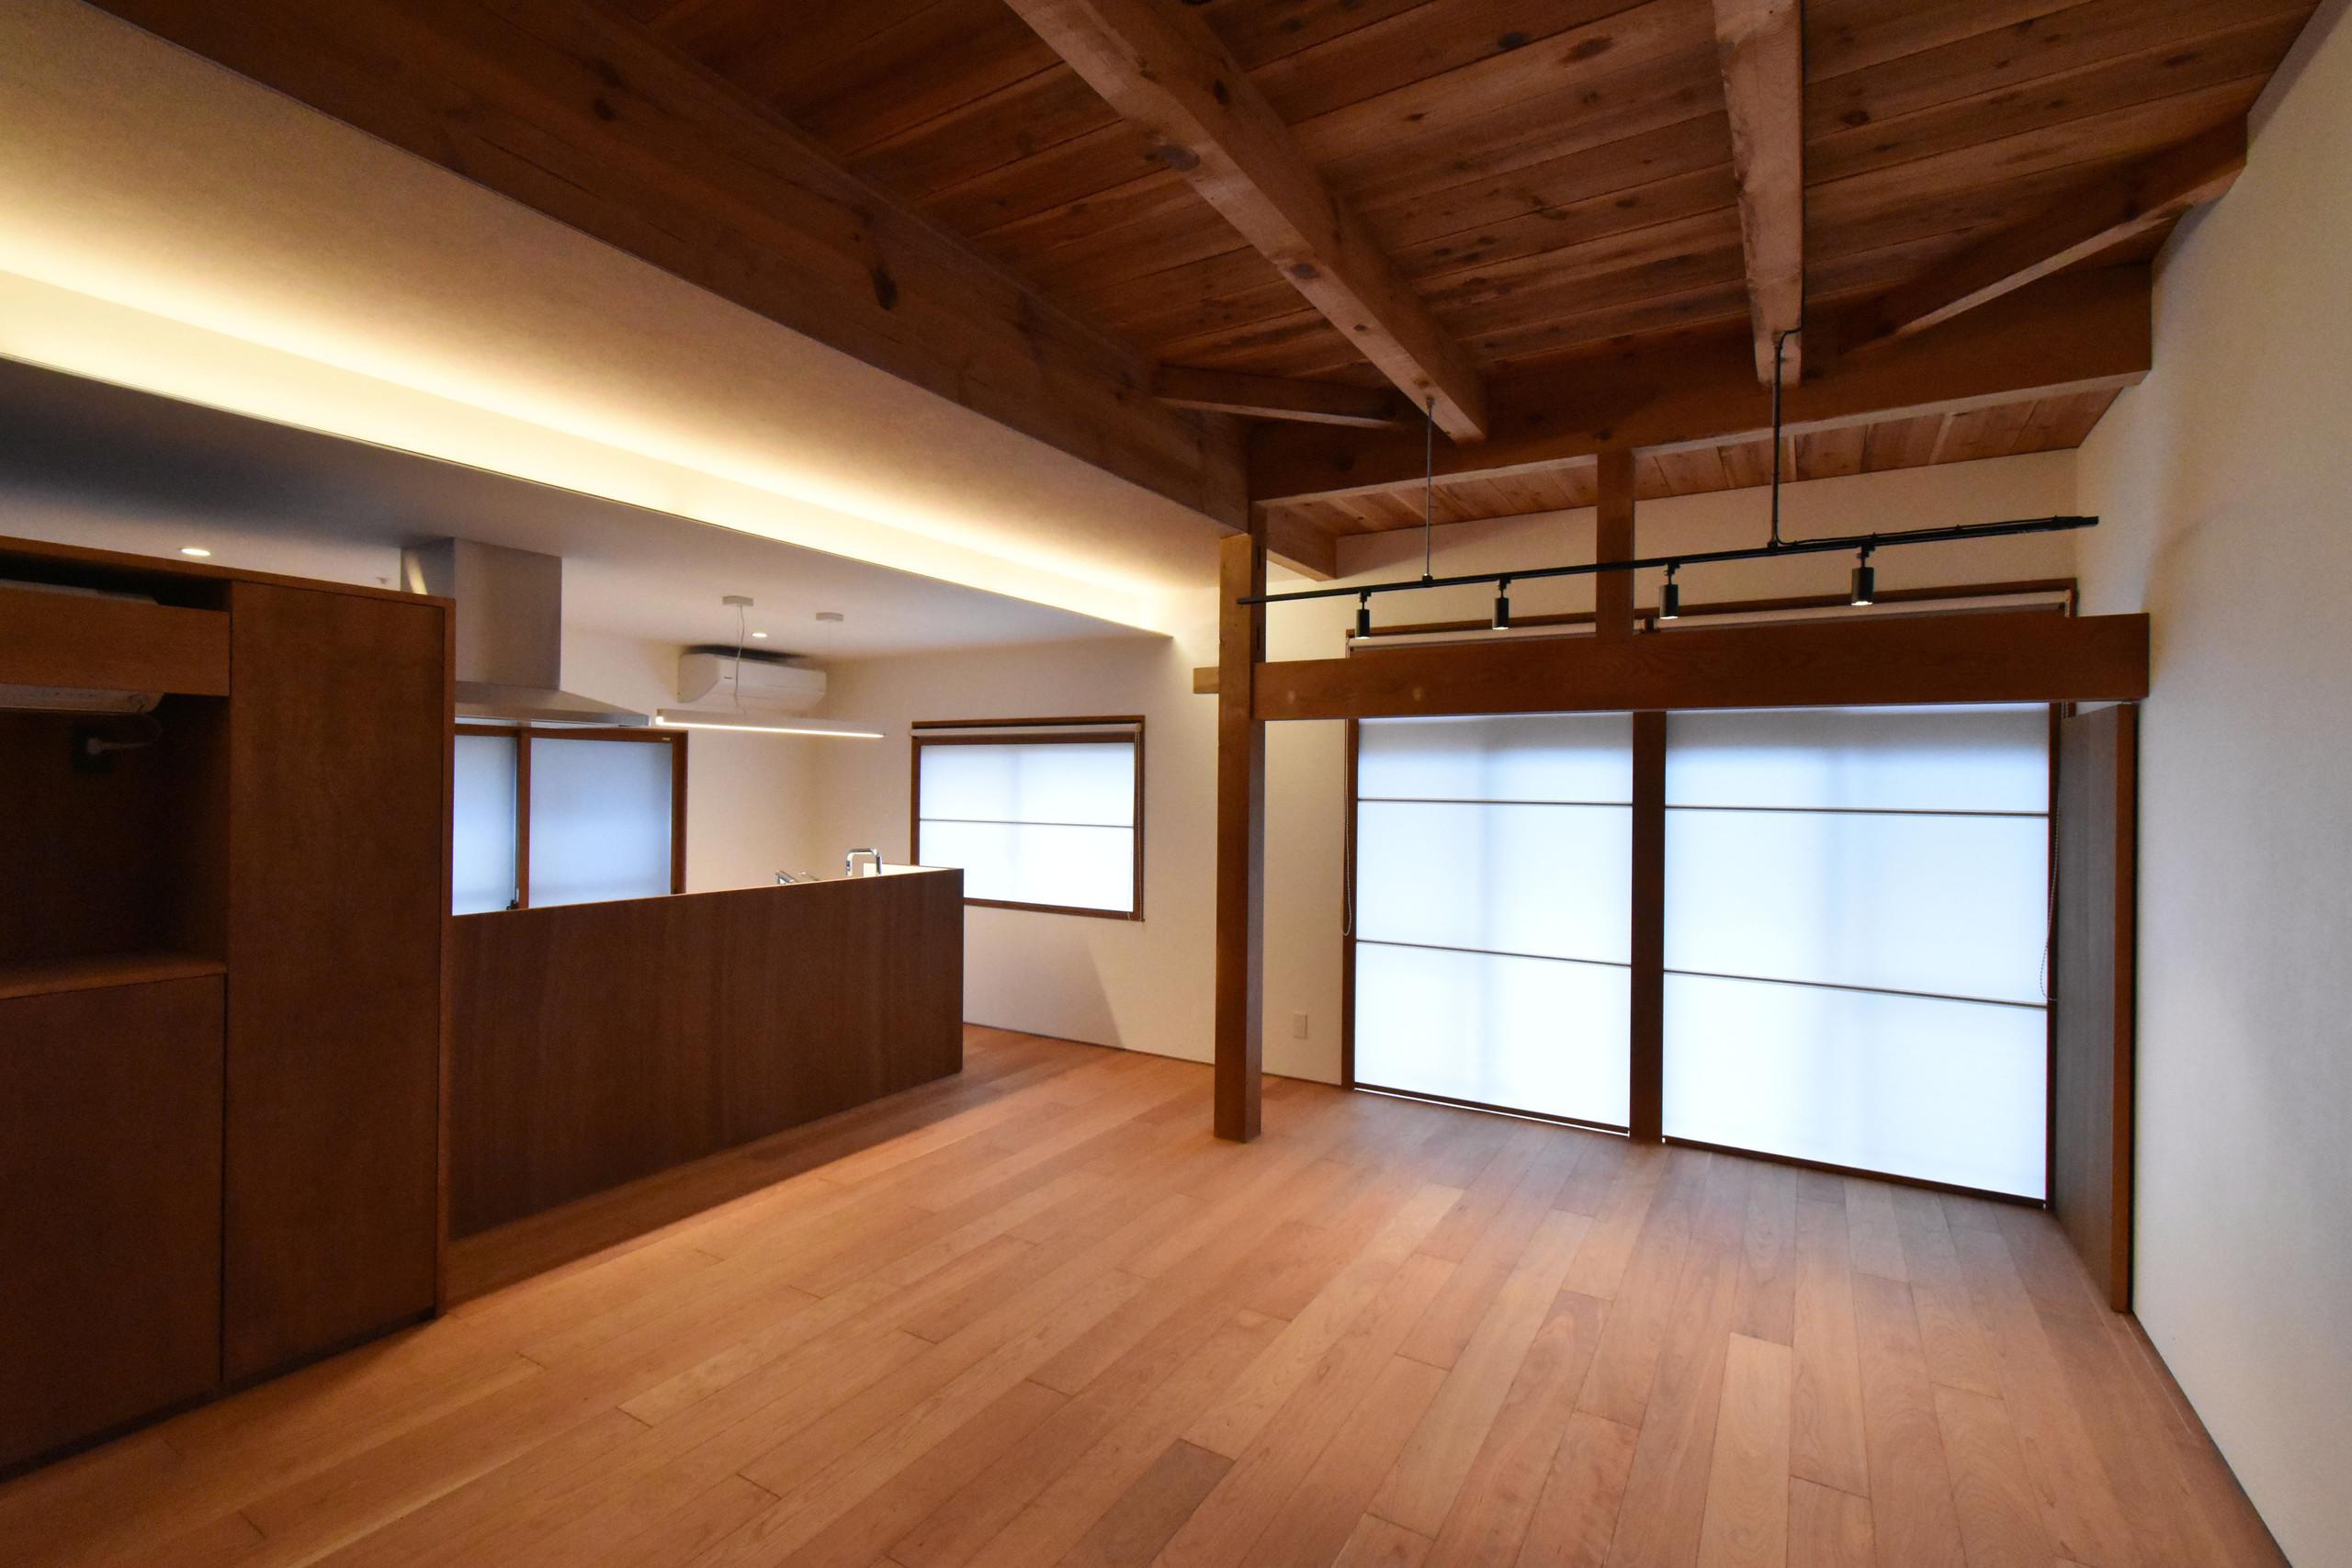 美浜の家(リノベーション)の建築事例写真